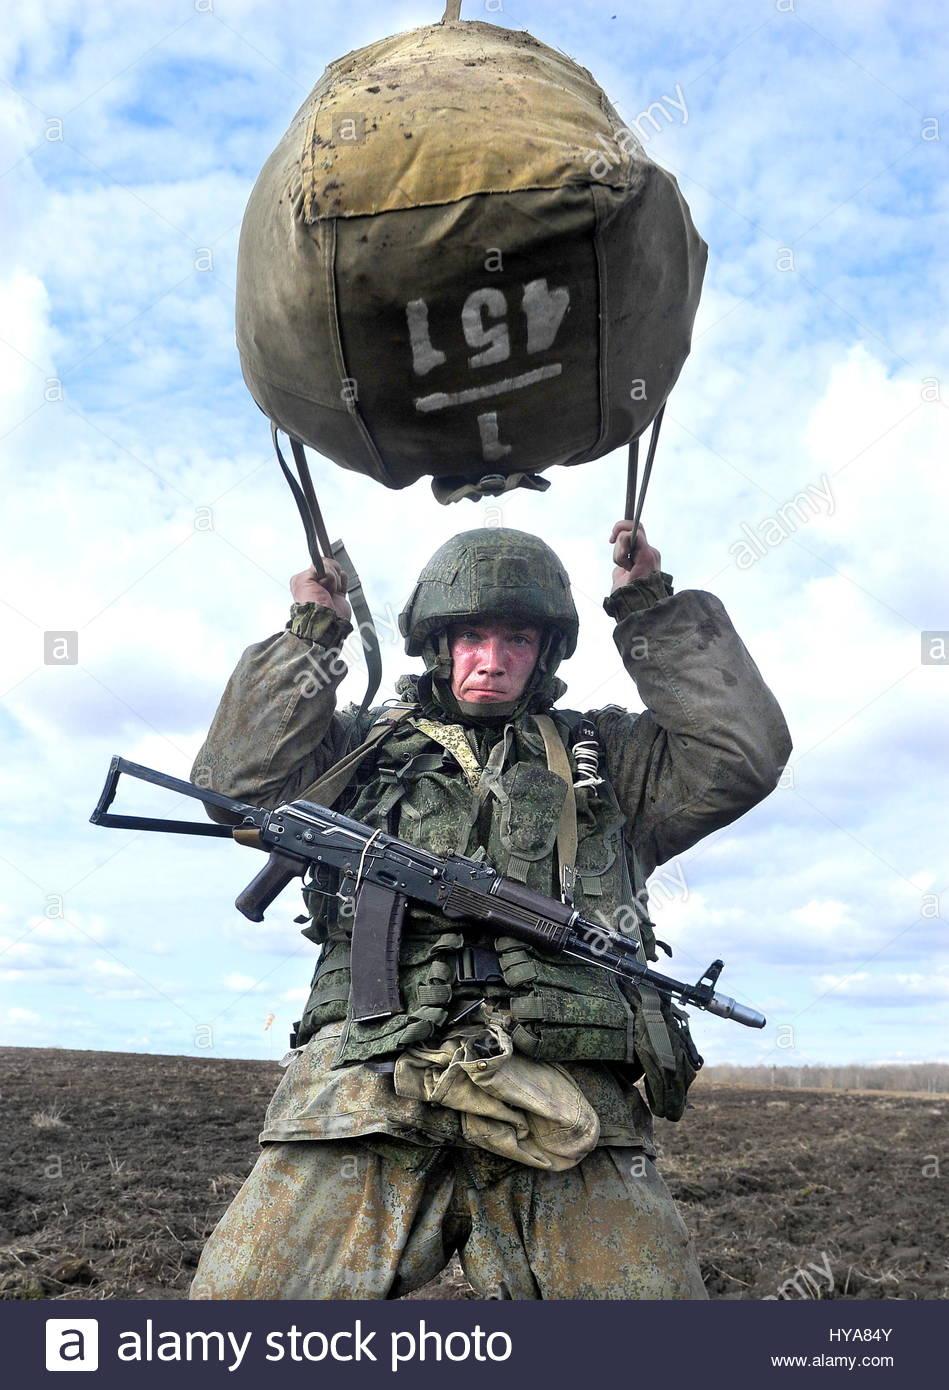 vitebsk-region-belarus-3rd-april-2017-a-soldier-during-a-joint-military-HYA84Y.jpg